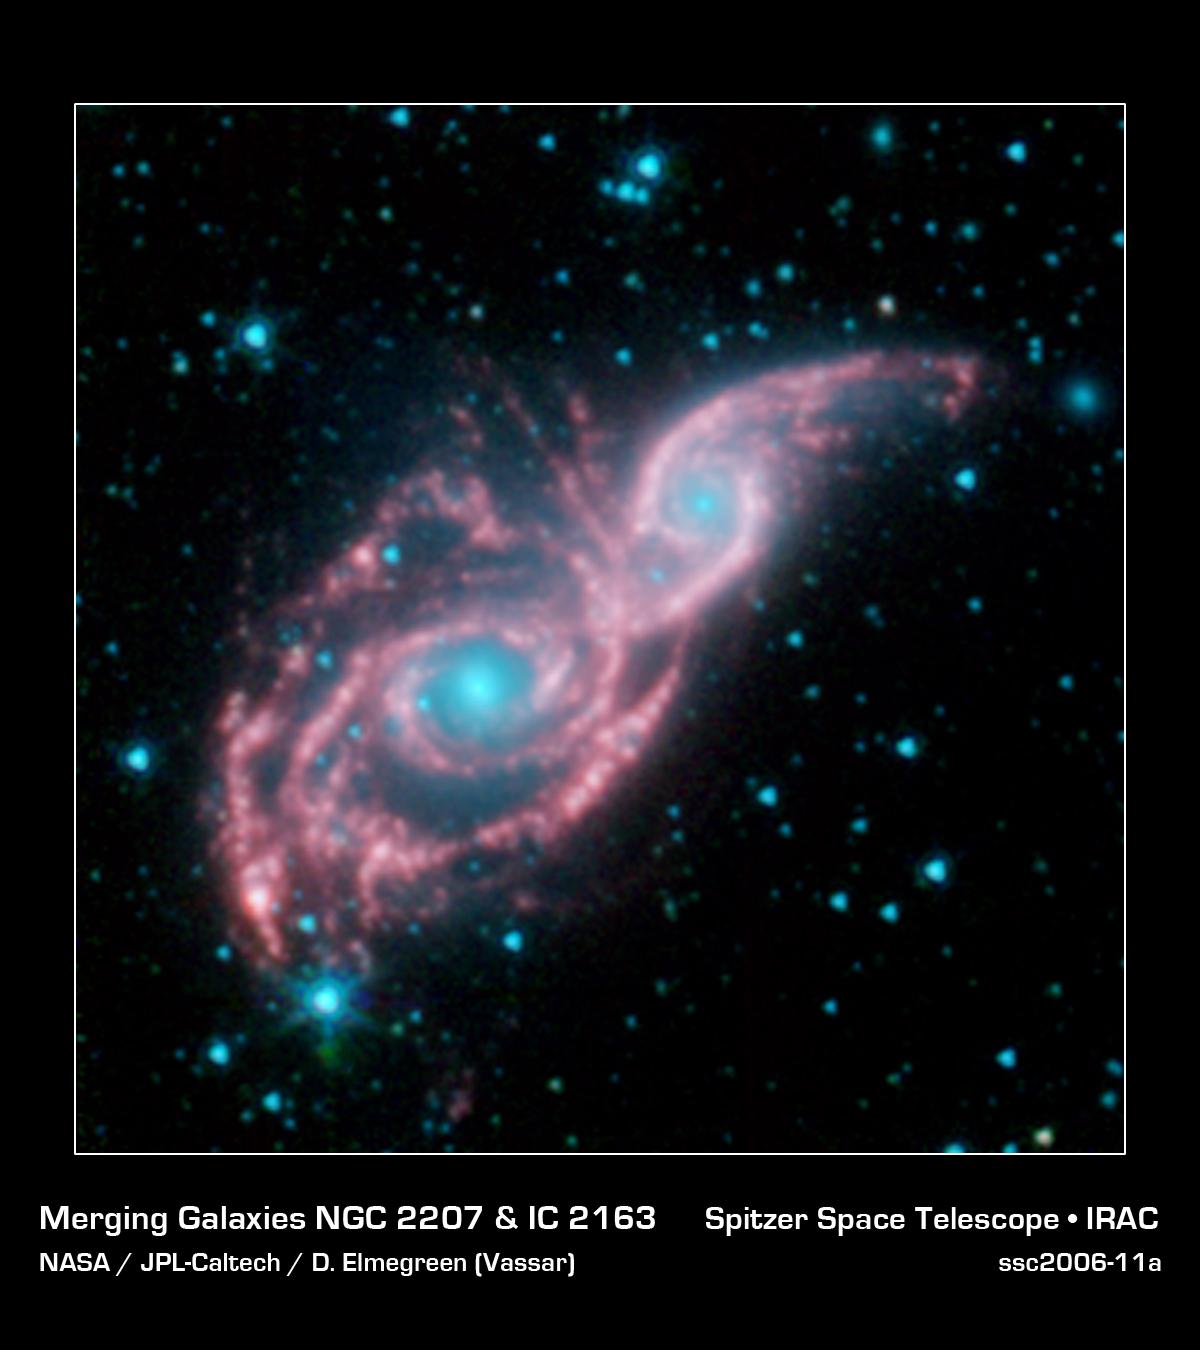 yeux galactiques en vie de cosmos-www.ipac.jpl.nasa.gov